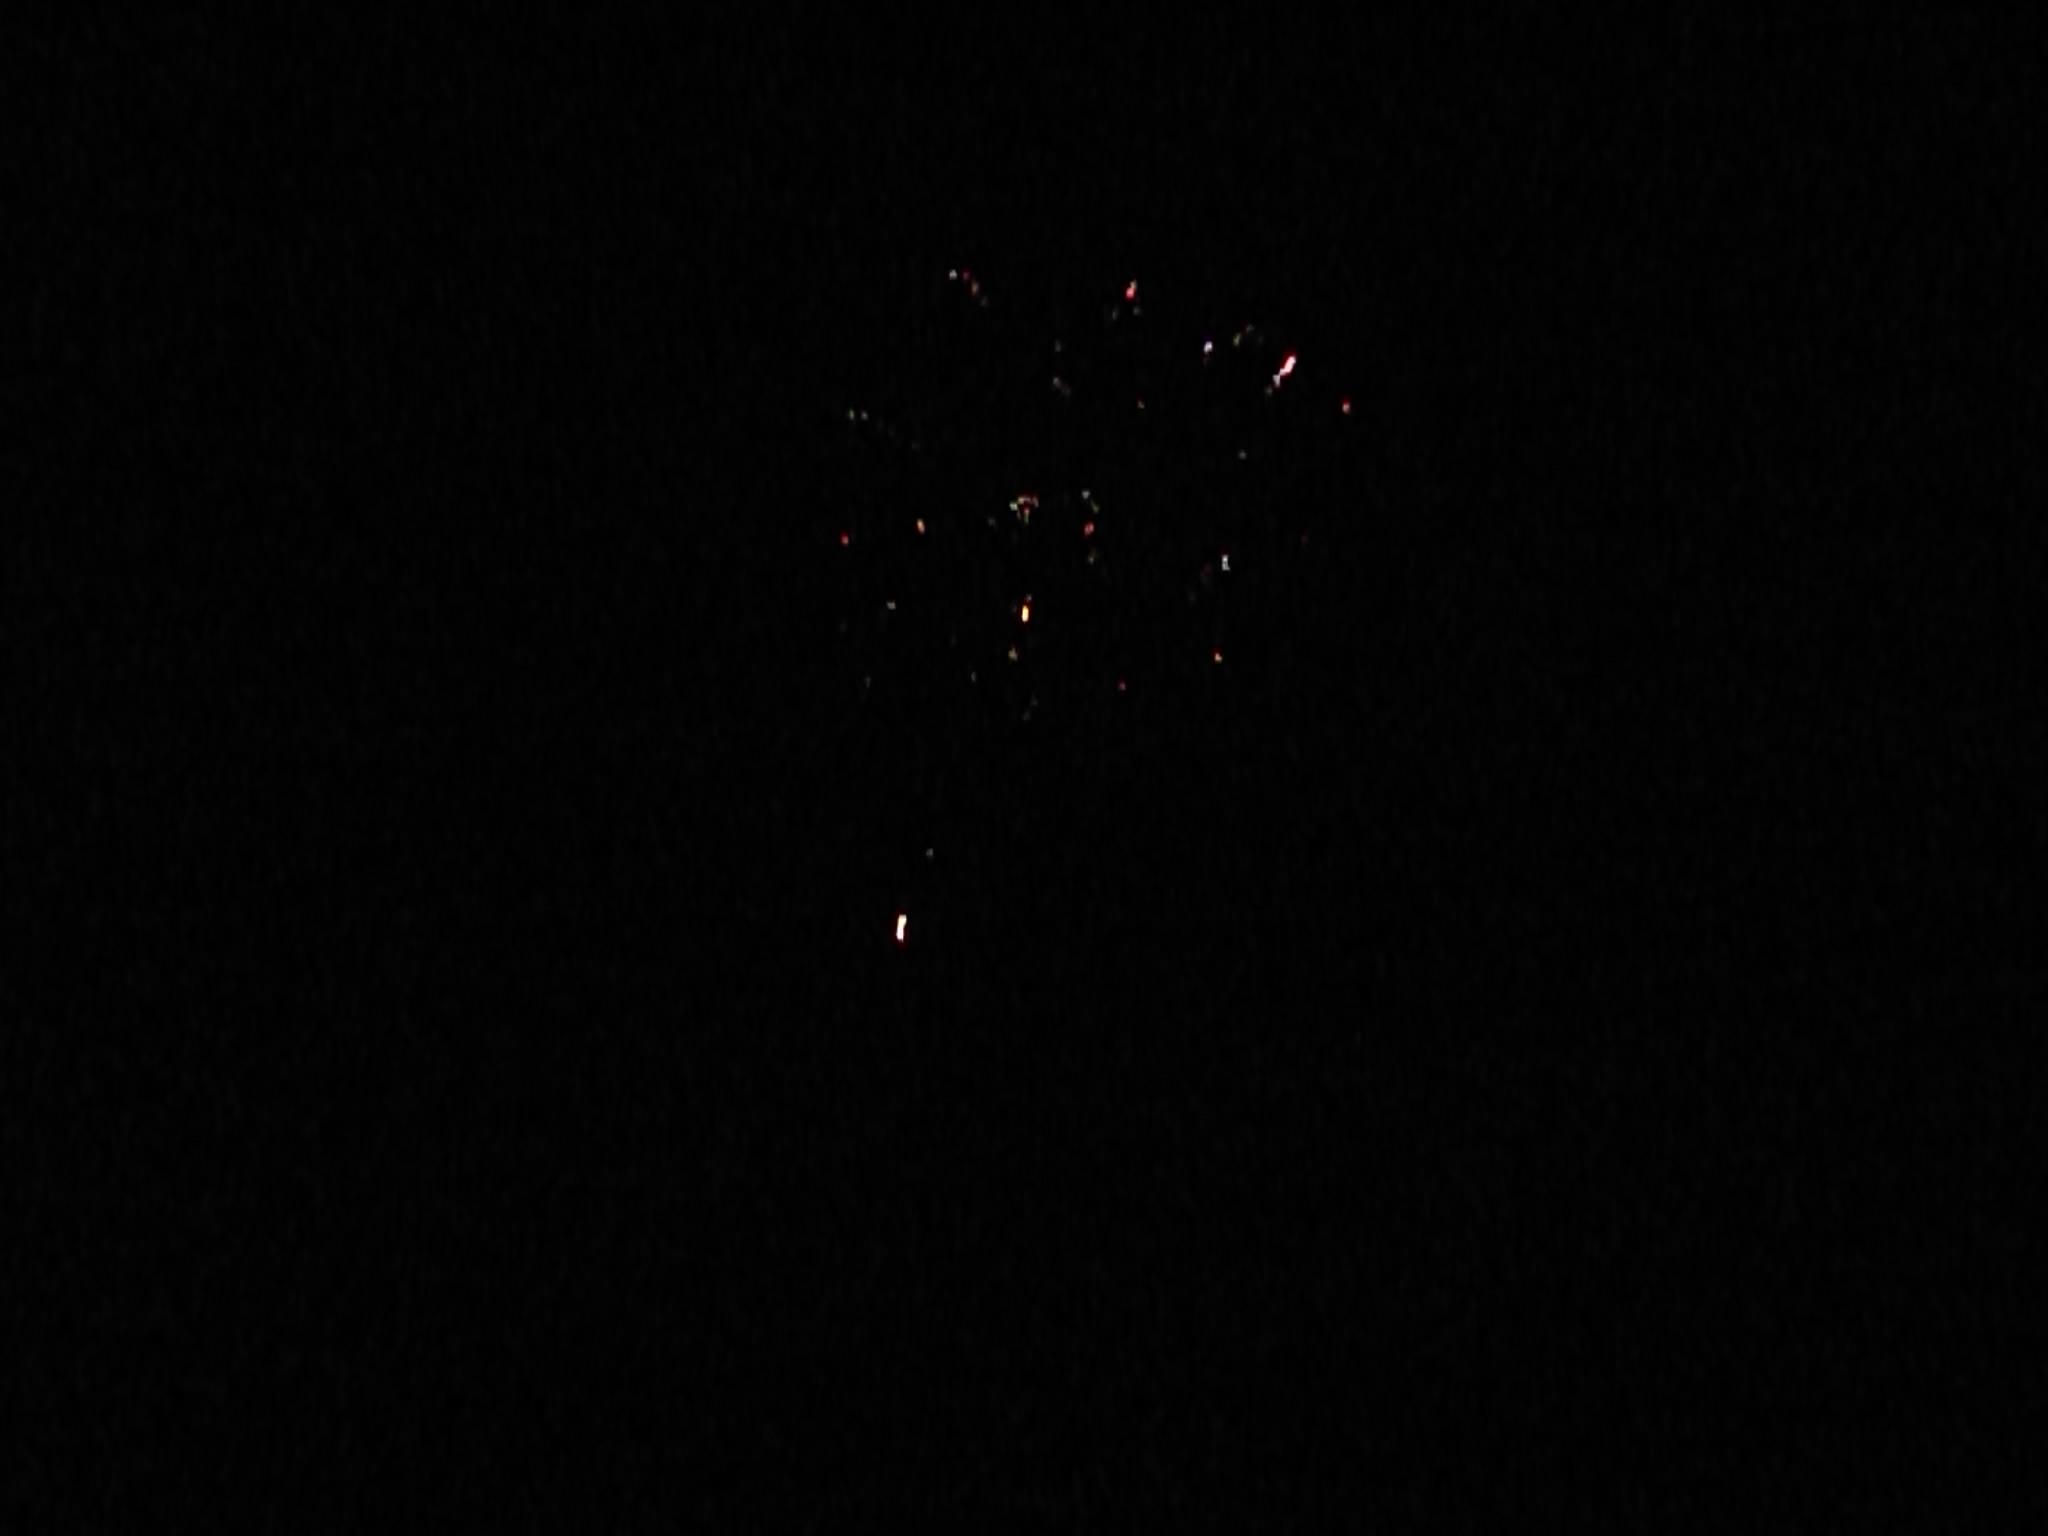 feuerwerk-serie-gif-4513